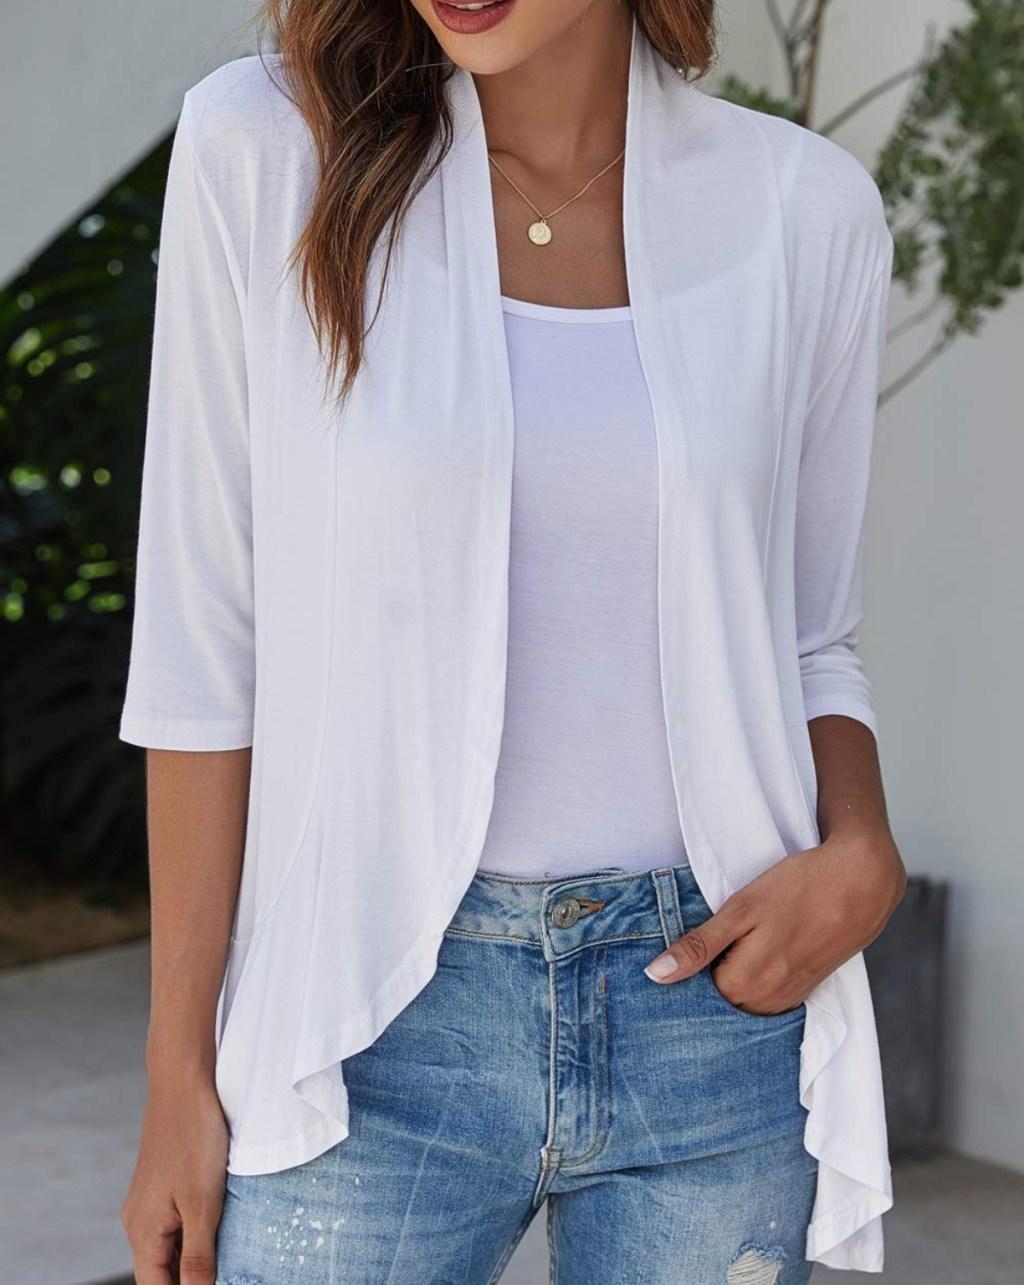 woman wearing white cardigan